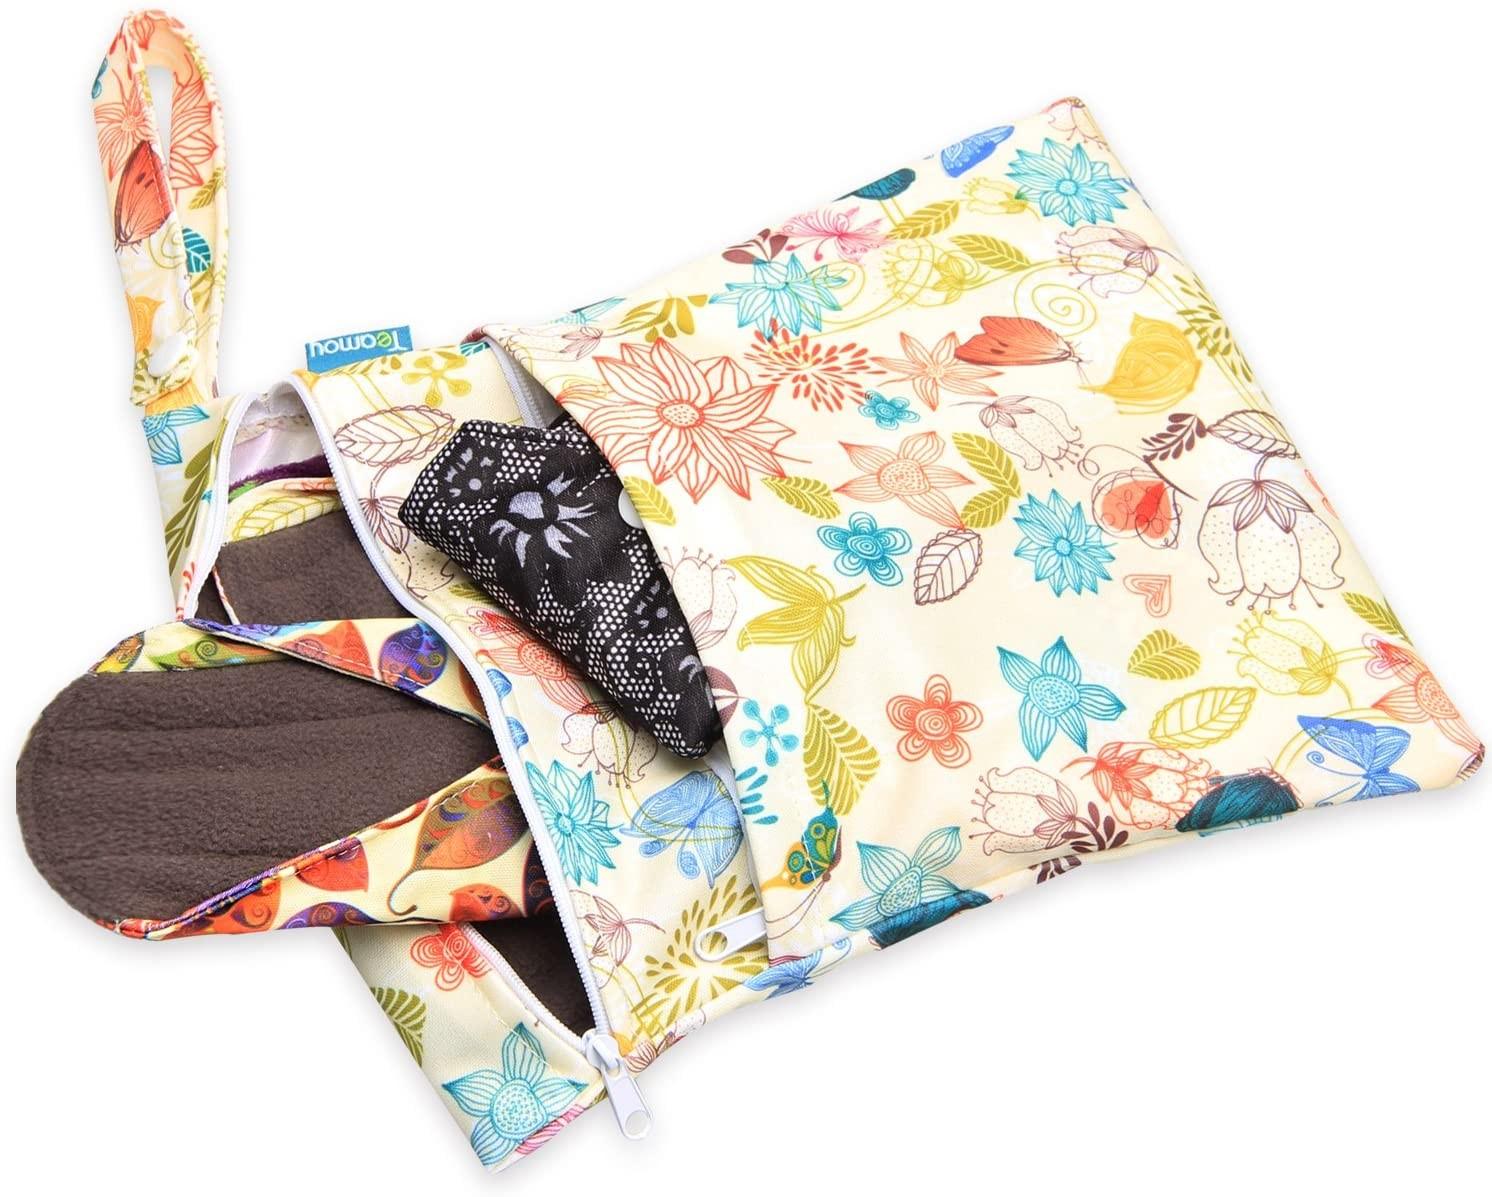 Sanitary Pad Reusable Washable Cloth Menstrual Pads Manufacturers, Sanitary Pad Reusable Washable Cloth Menstrual Pads Factory, Supply Sanitary Pad Reusable Washable Cloth Menstrual Pads